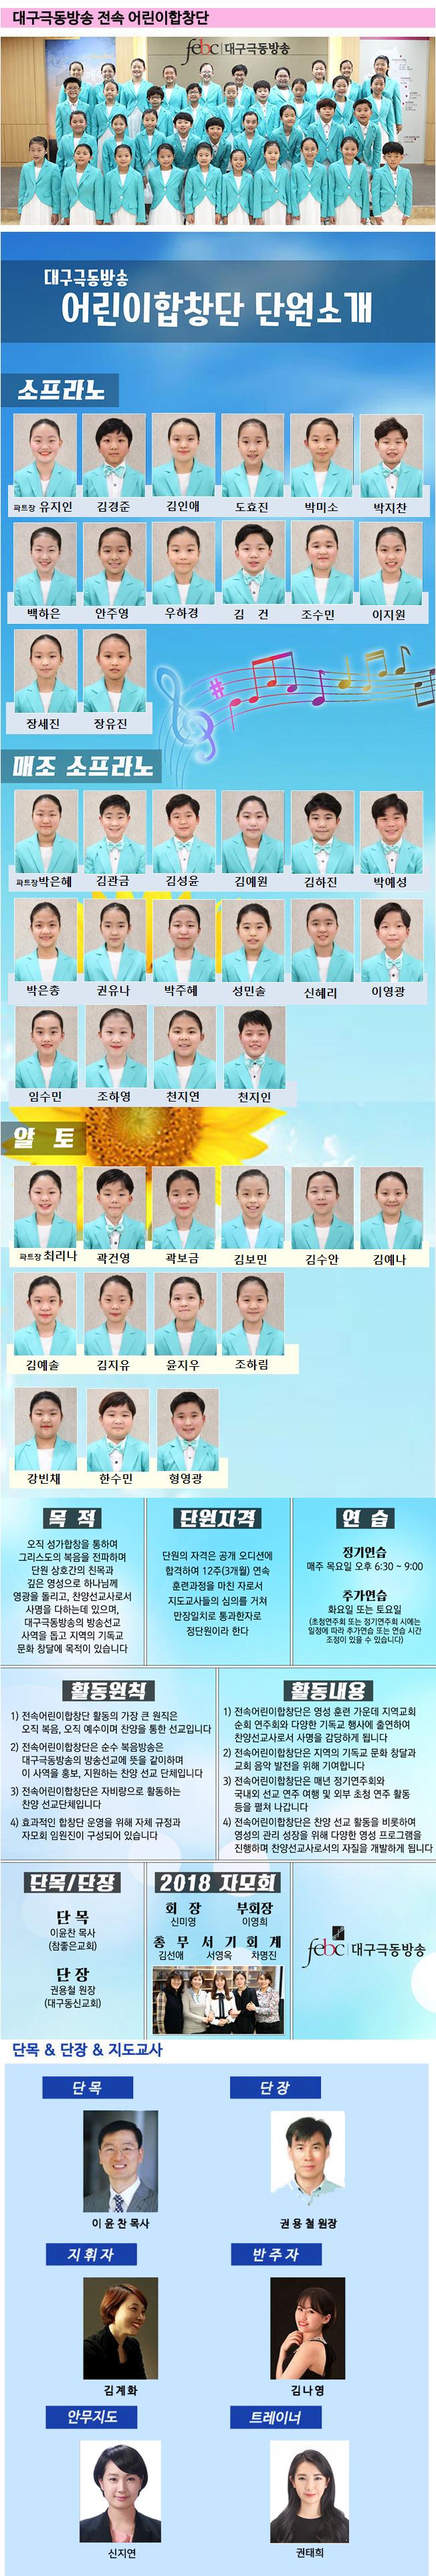 어합수정(2019.7.27).jpg